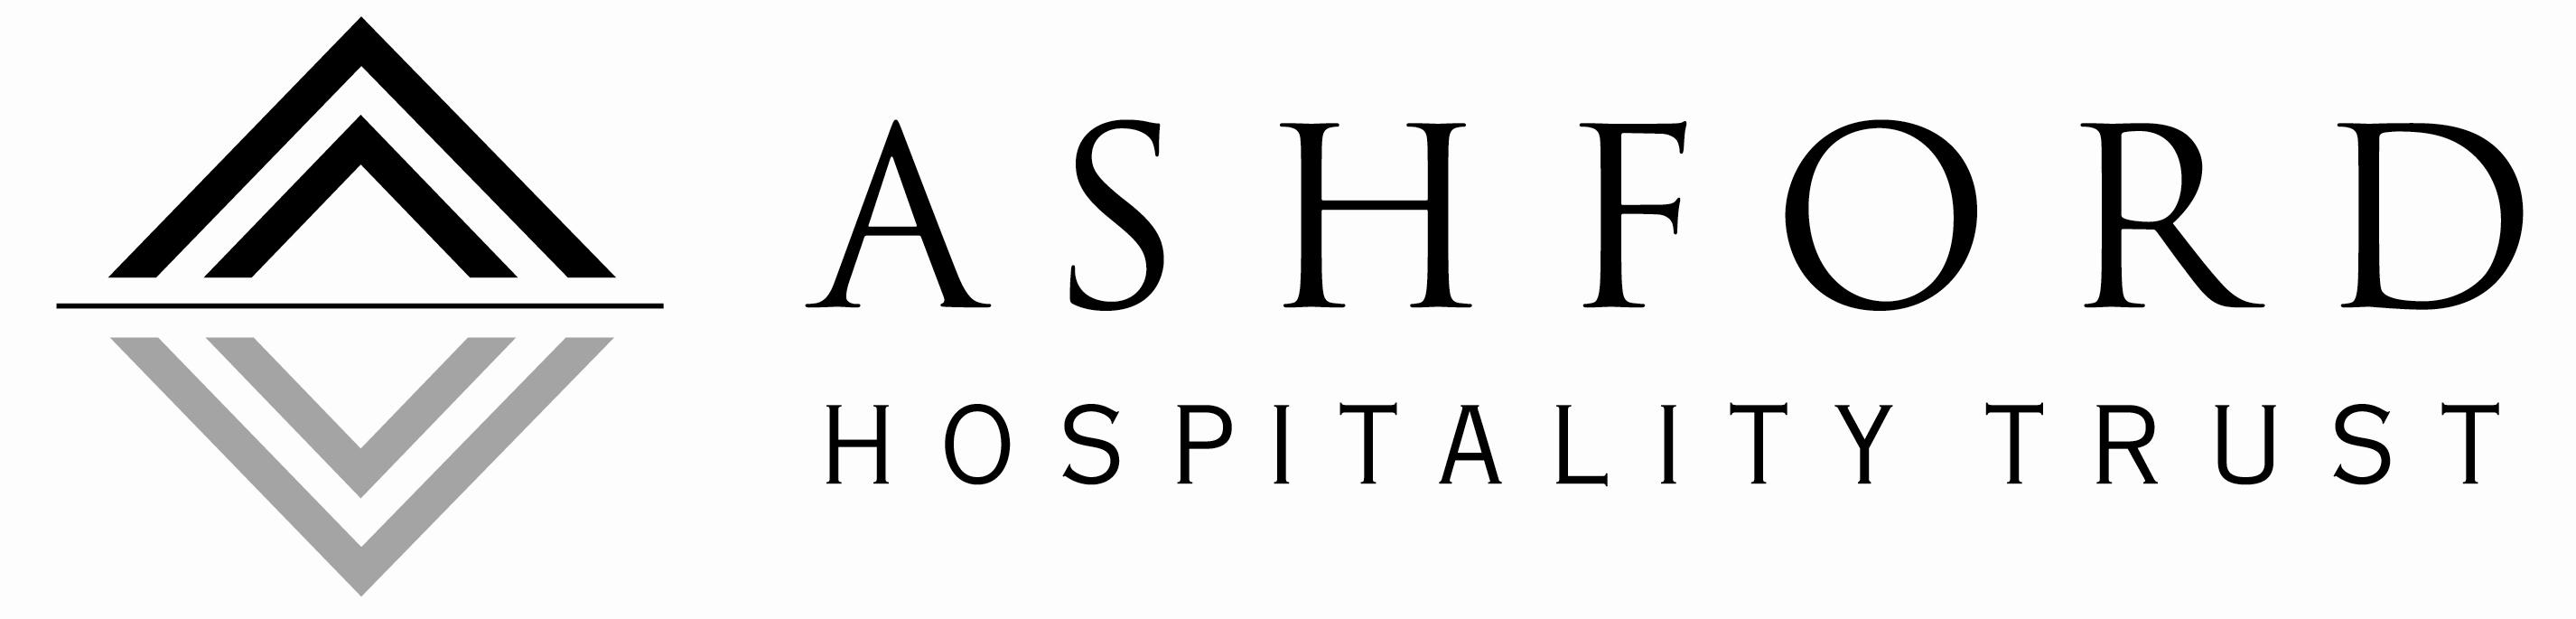 Ashford Hospitality Trust, Inc.